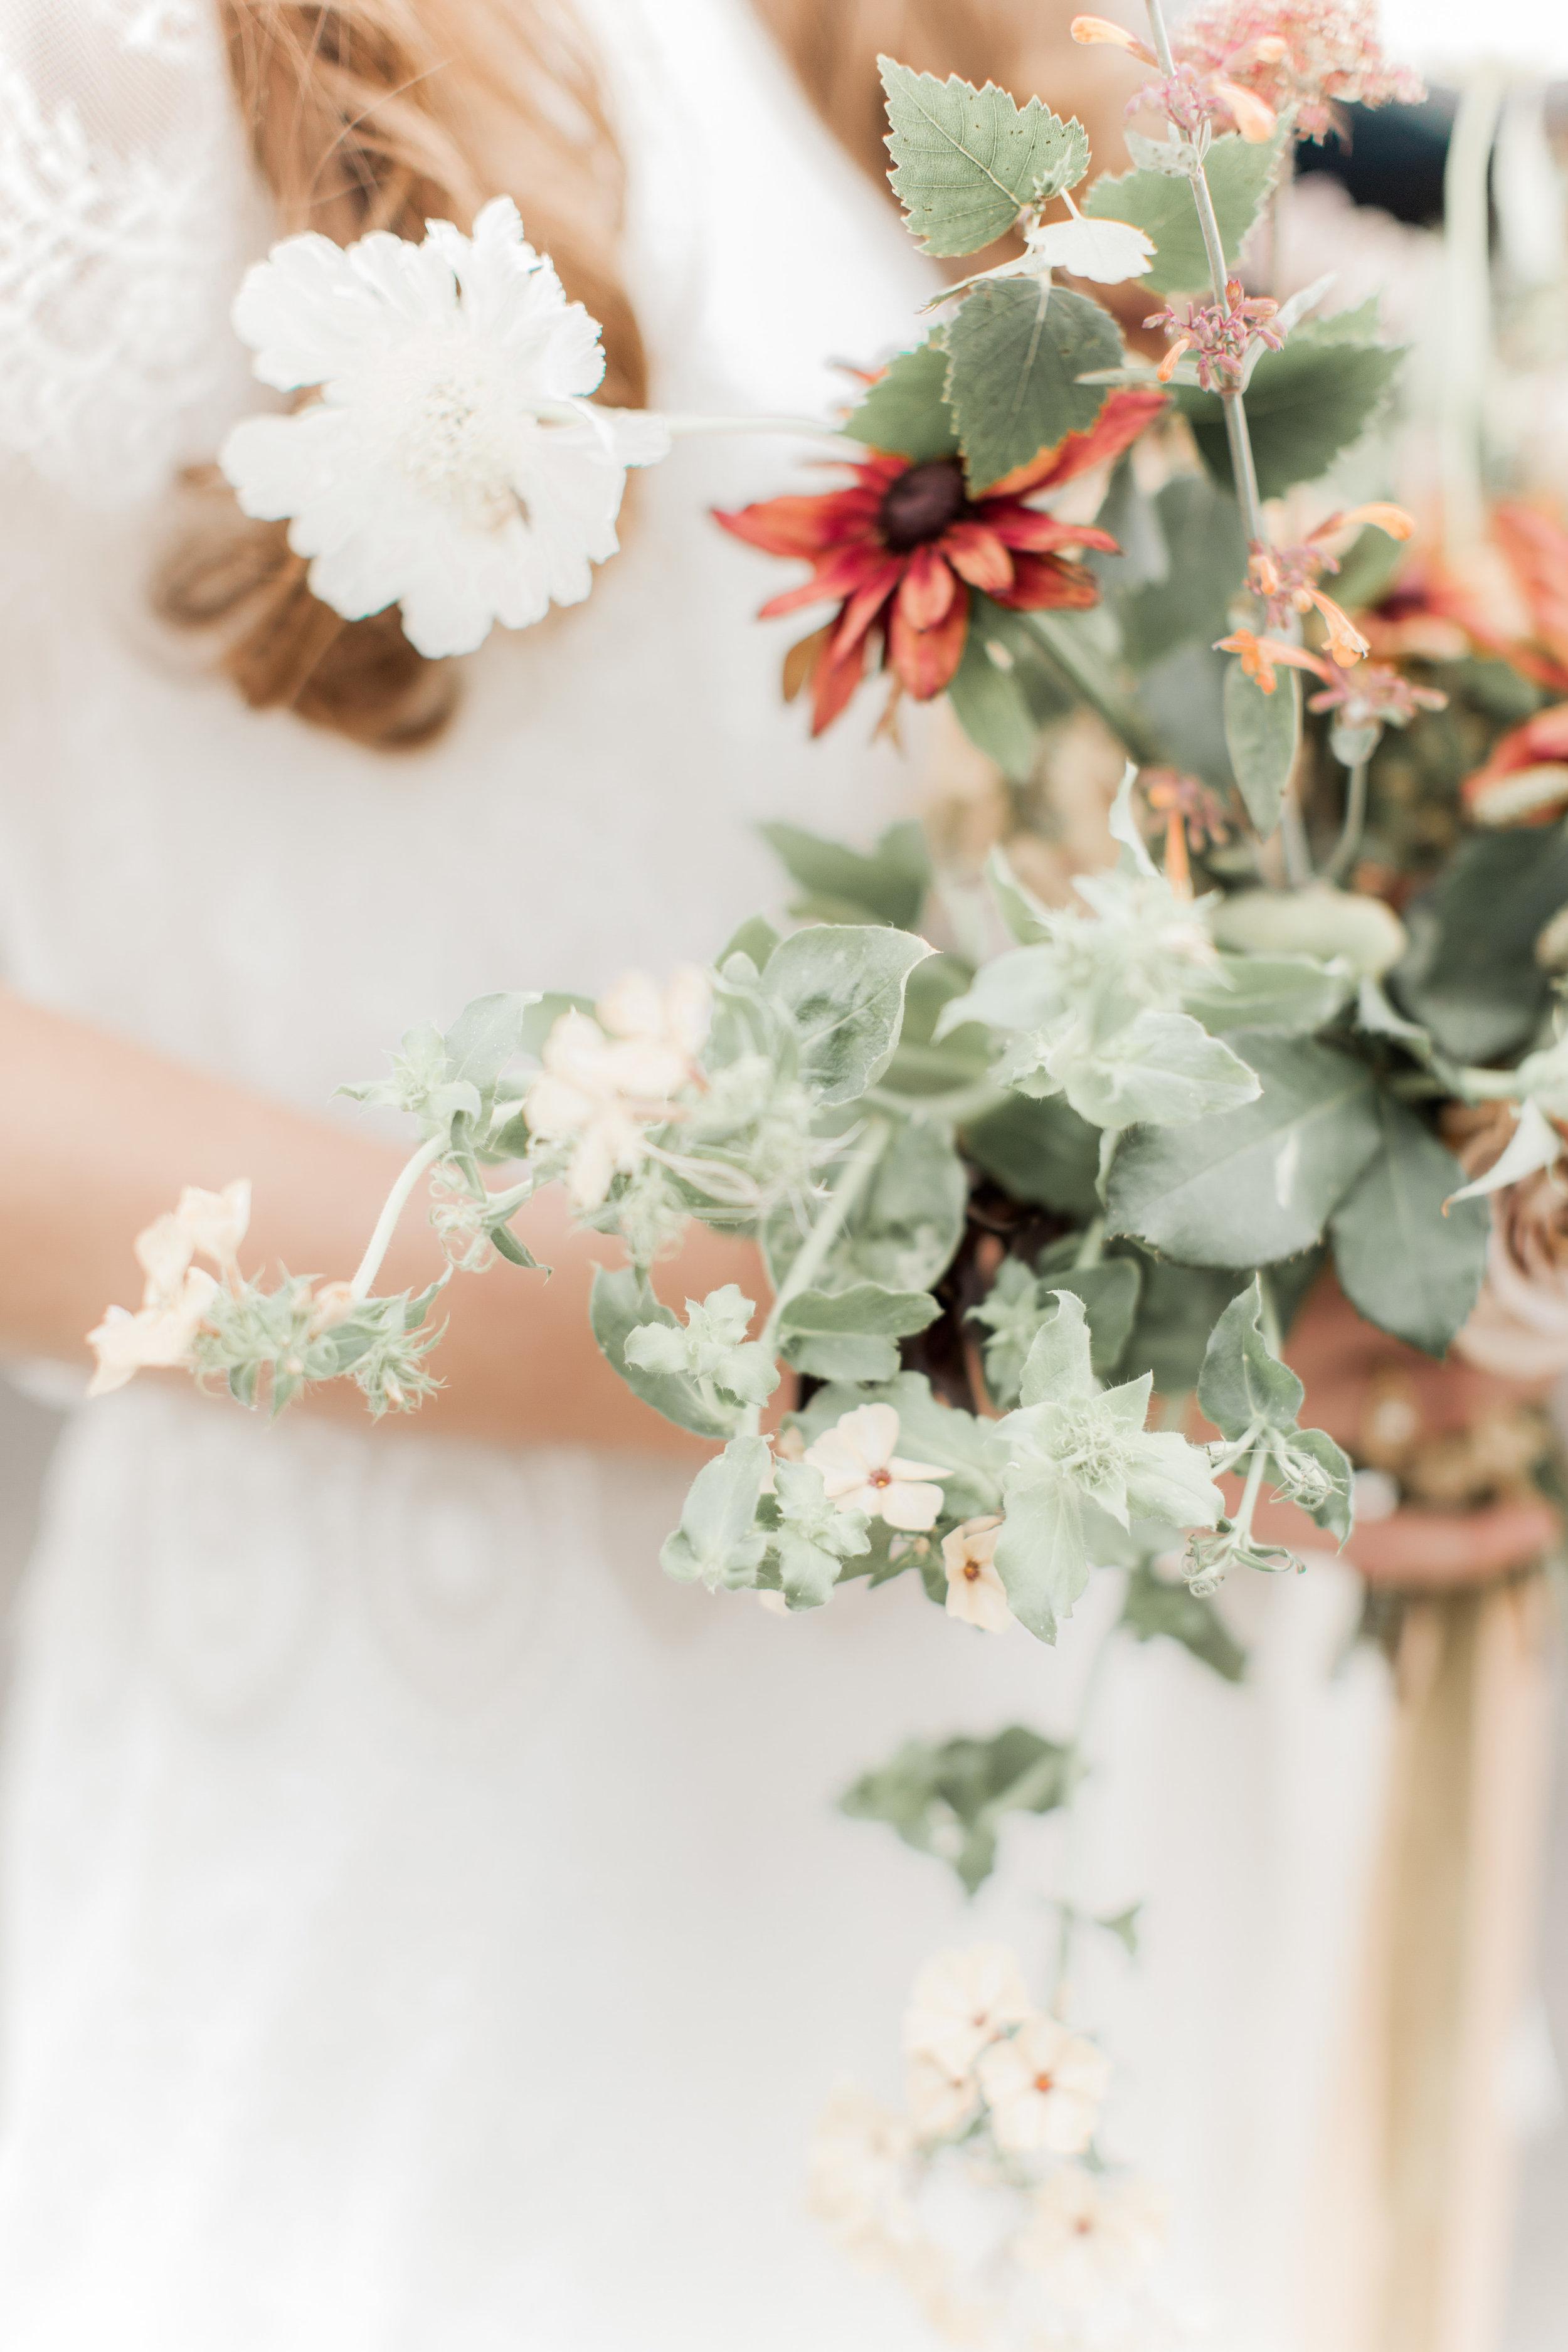 ~Wedding bouquet of British flowers